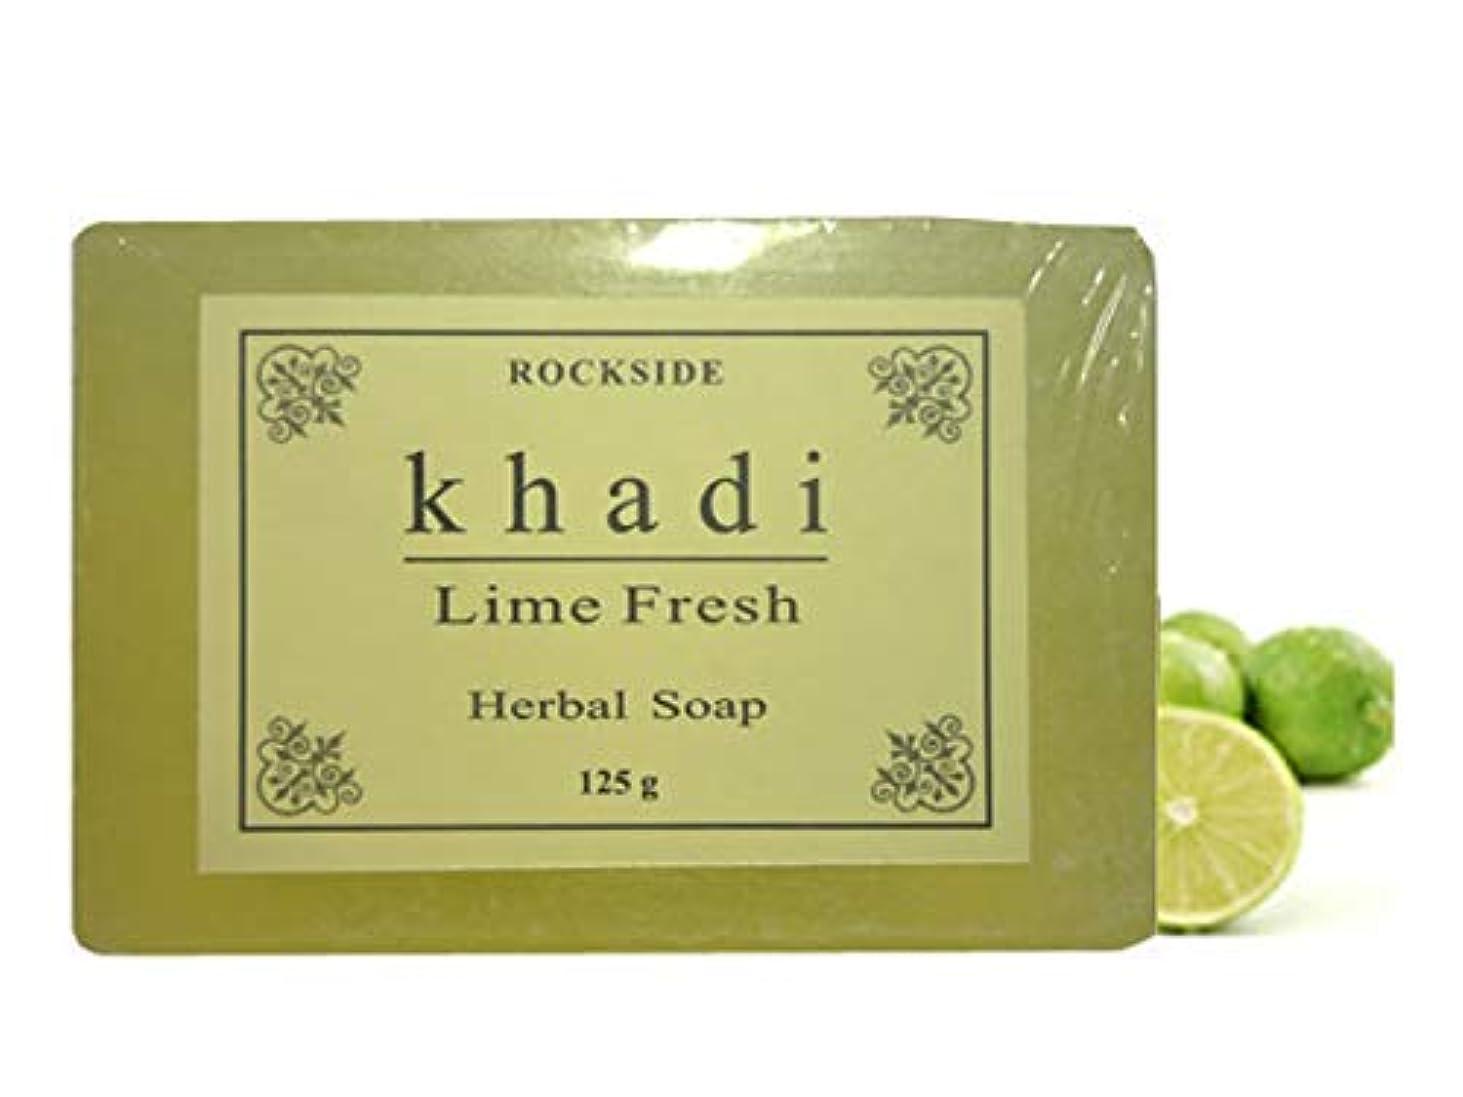 してはいけない立証する間に合わせ【OUTLET】手作り カーディ ライムフレッシュ ハーバルソープ Khadi Lime Fresh Herbal Soap